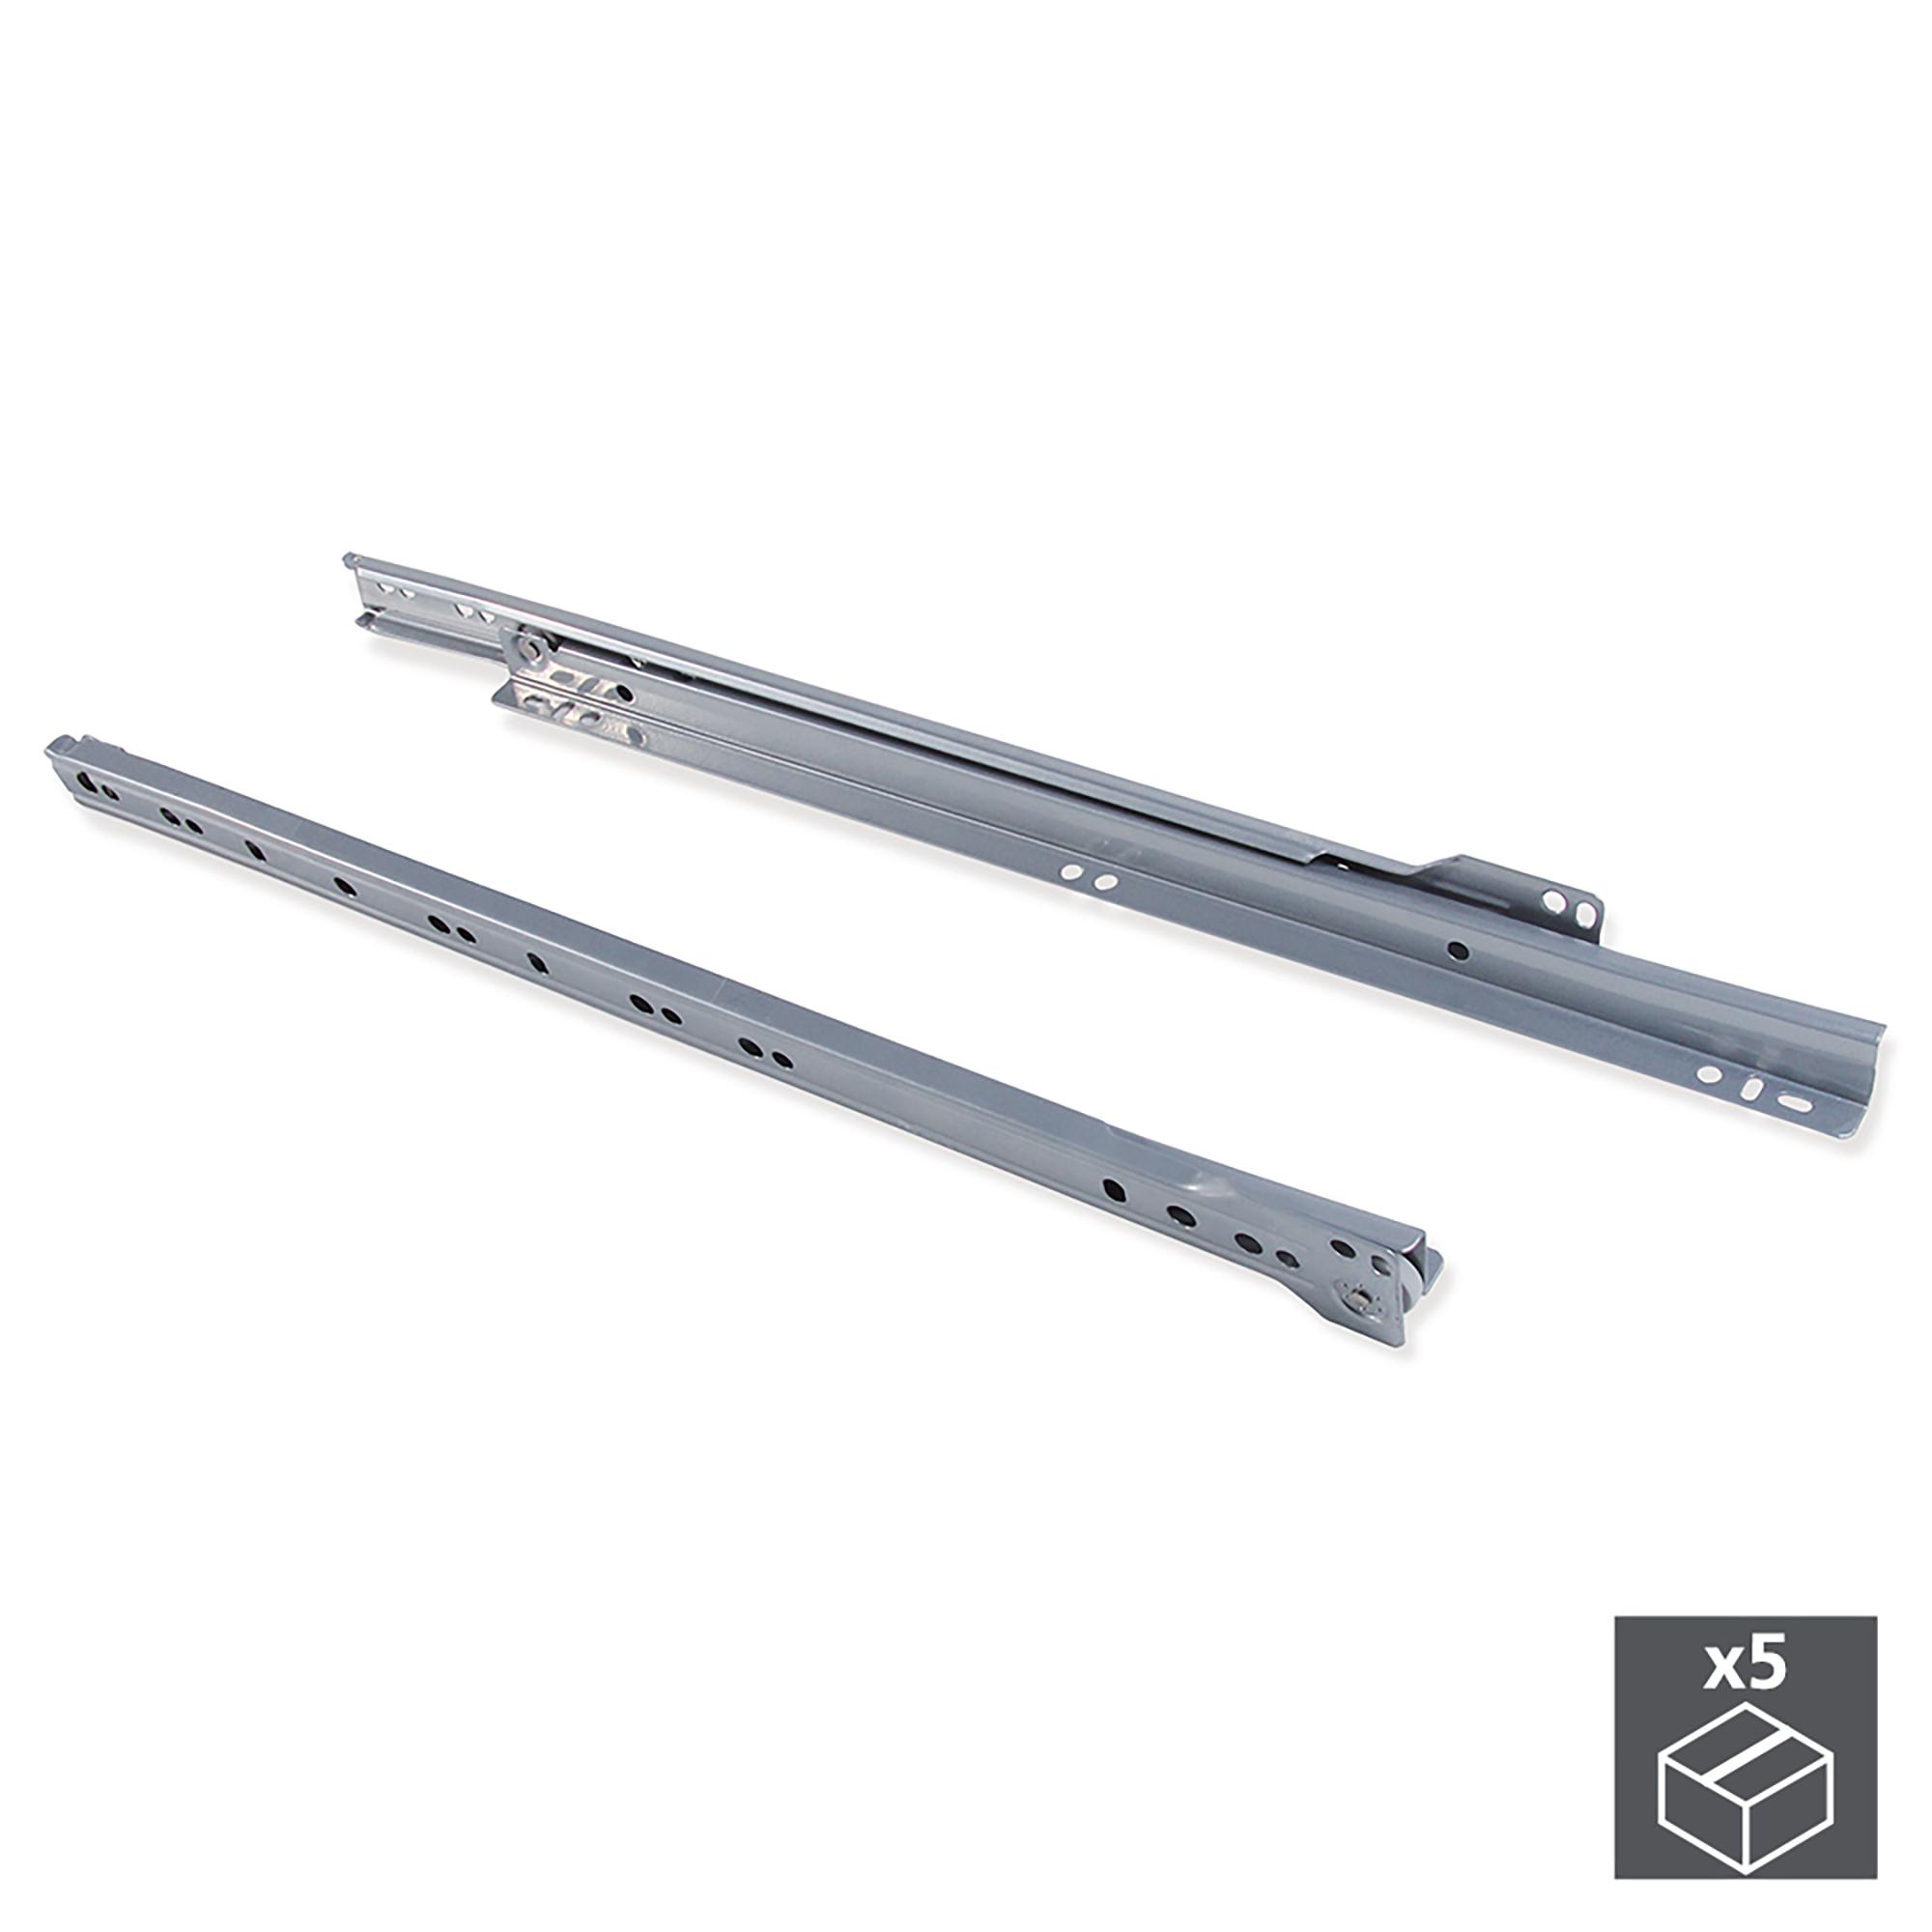 Emuca Kit Guide a rotella per cassetti, chiusura con caduta, 350 mm, a estrazione parziale, Grigio metallizzato, 5 u.